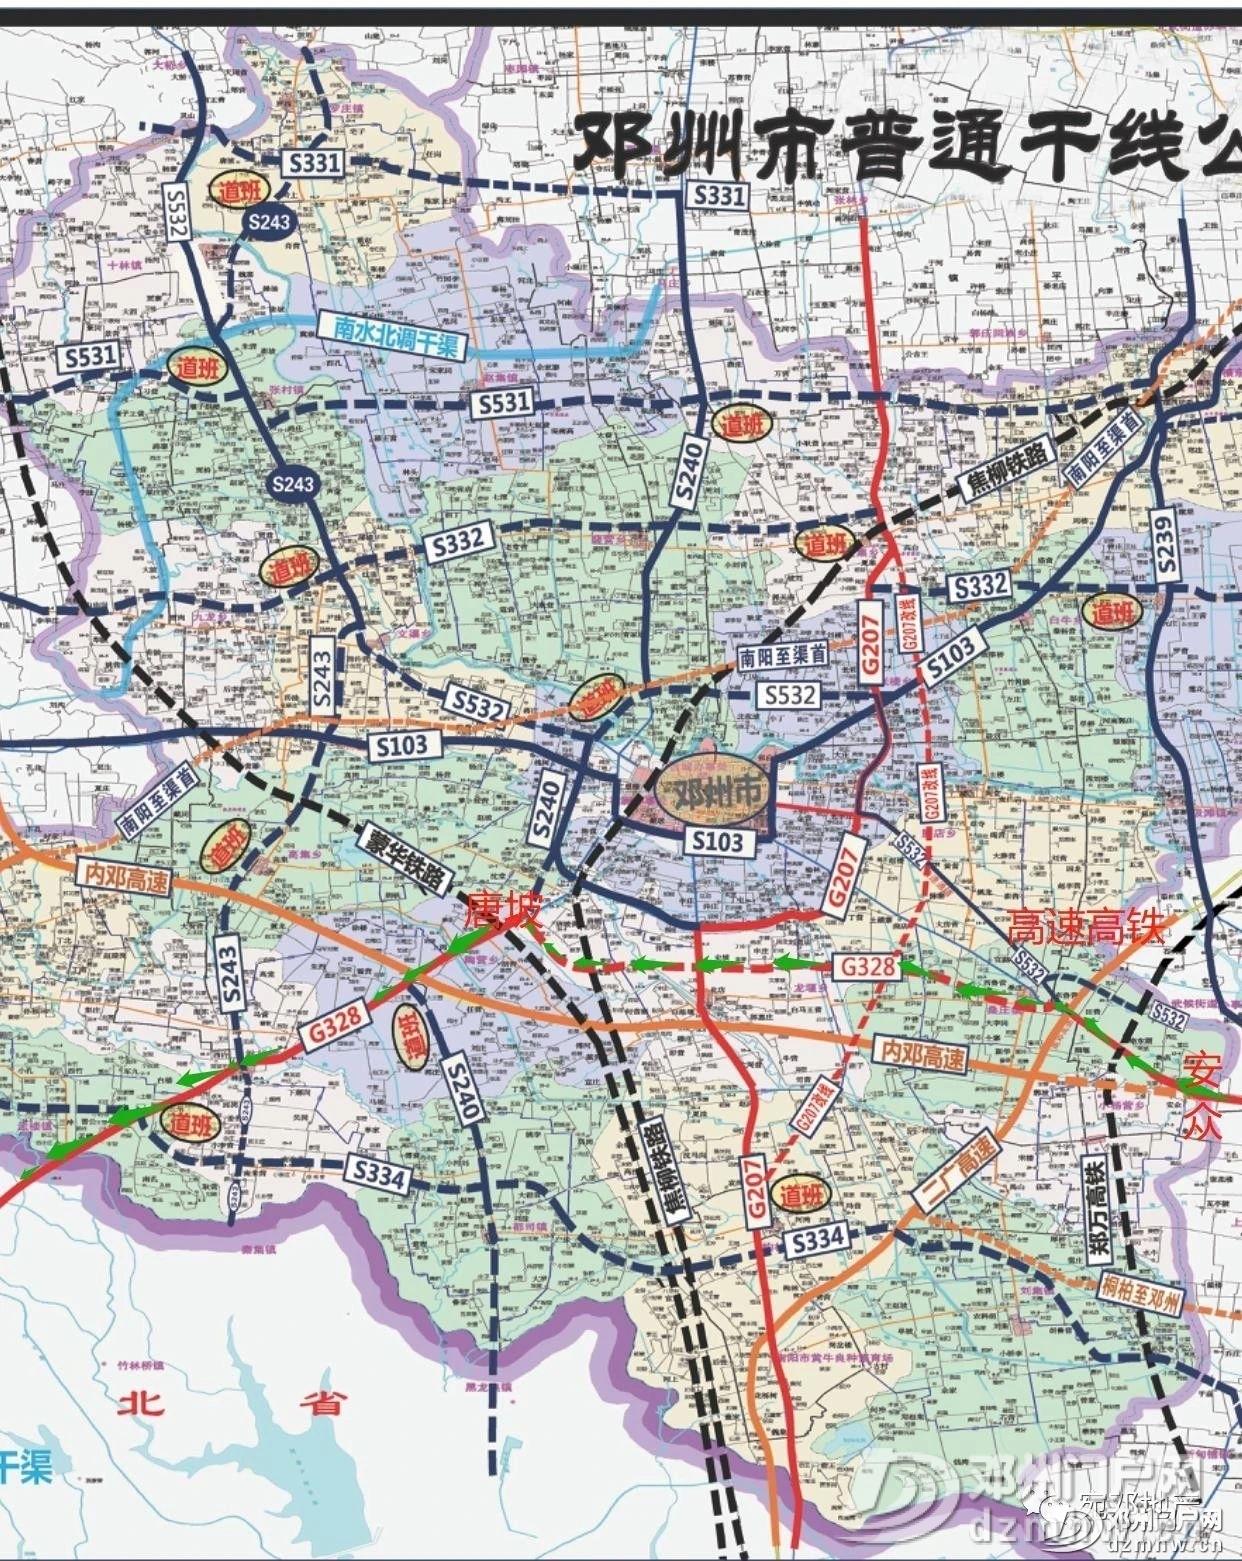 正在征地拆迁补偿中!邓州新增连接高铁和这些乡镇的重要通道! - 邓州门户网|邓州网 - 2b3c16d838107f0f853f84ba83237524.jpg